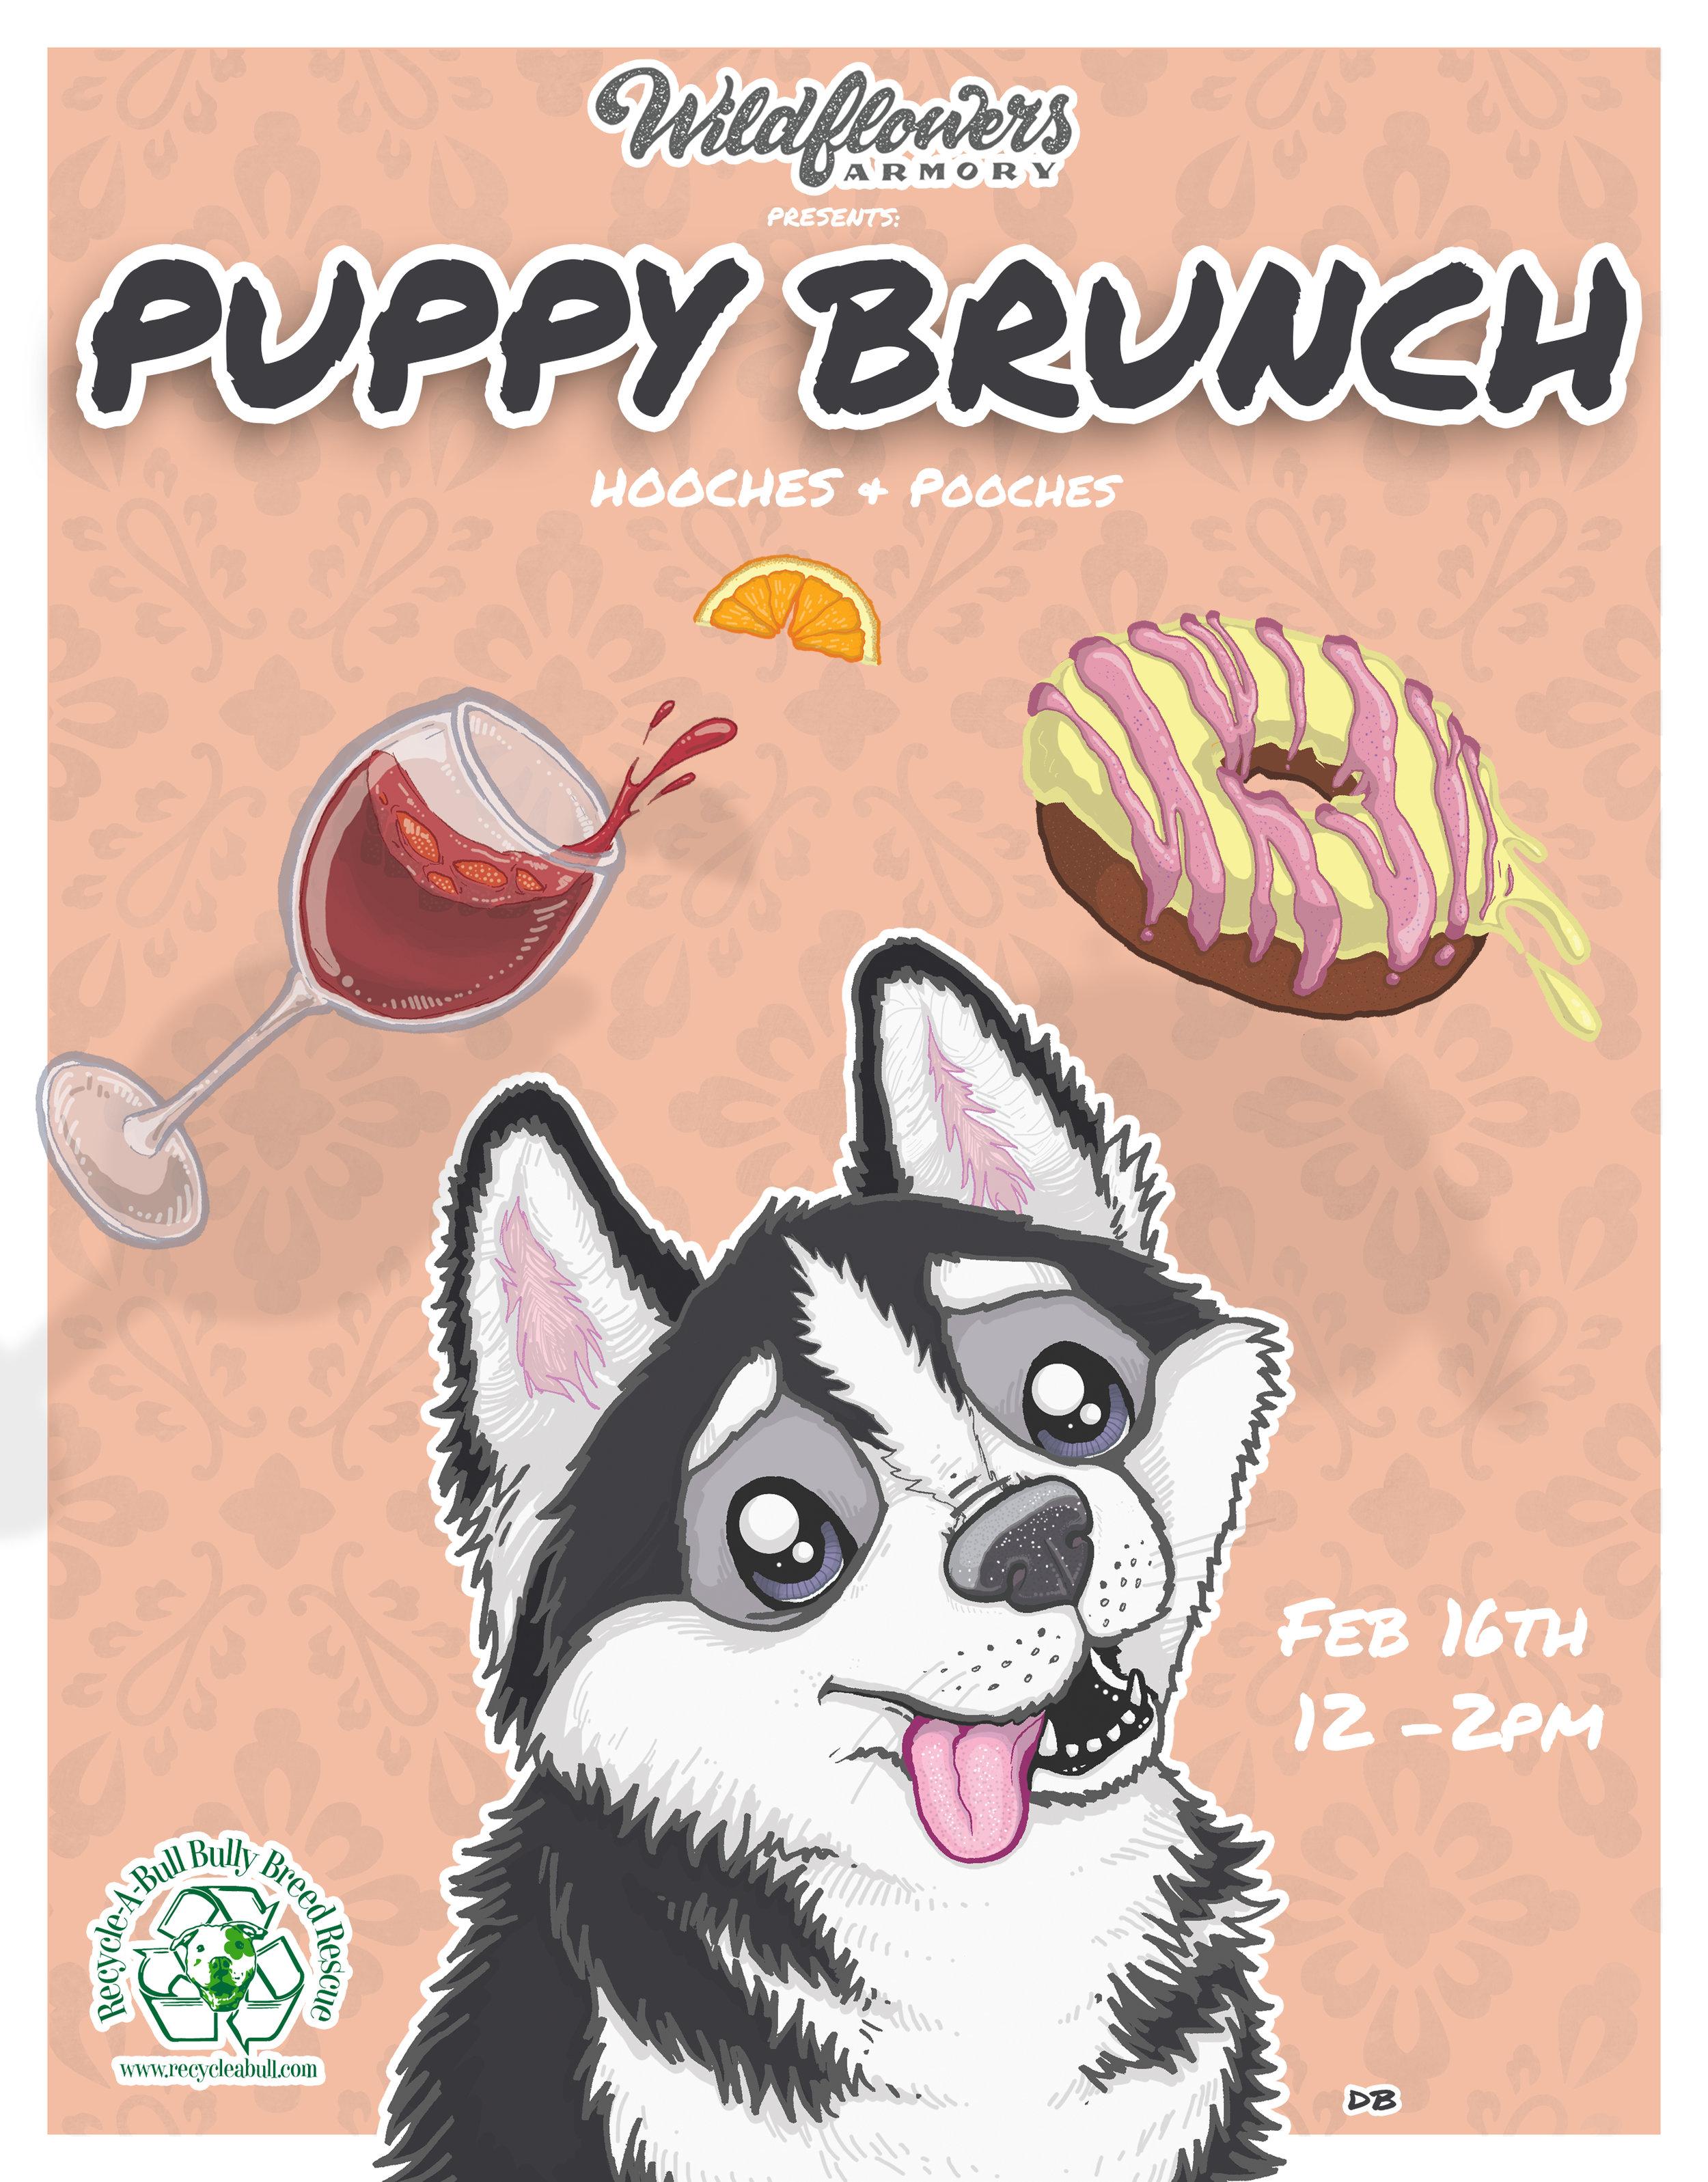 Puppy Brunch Flyer